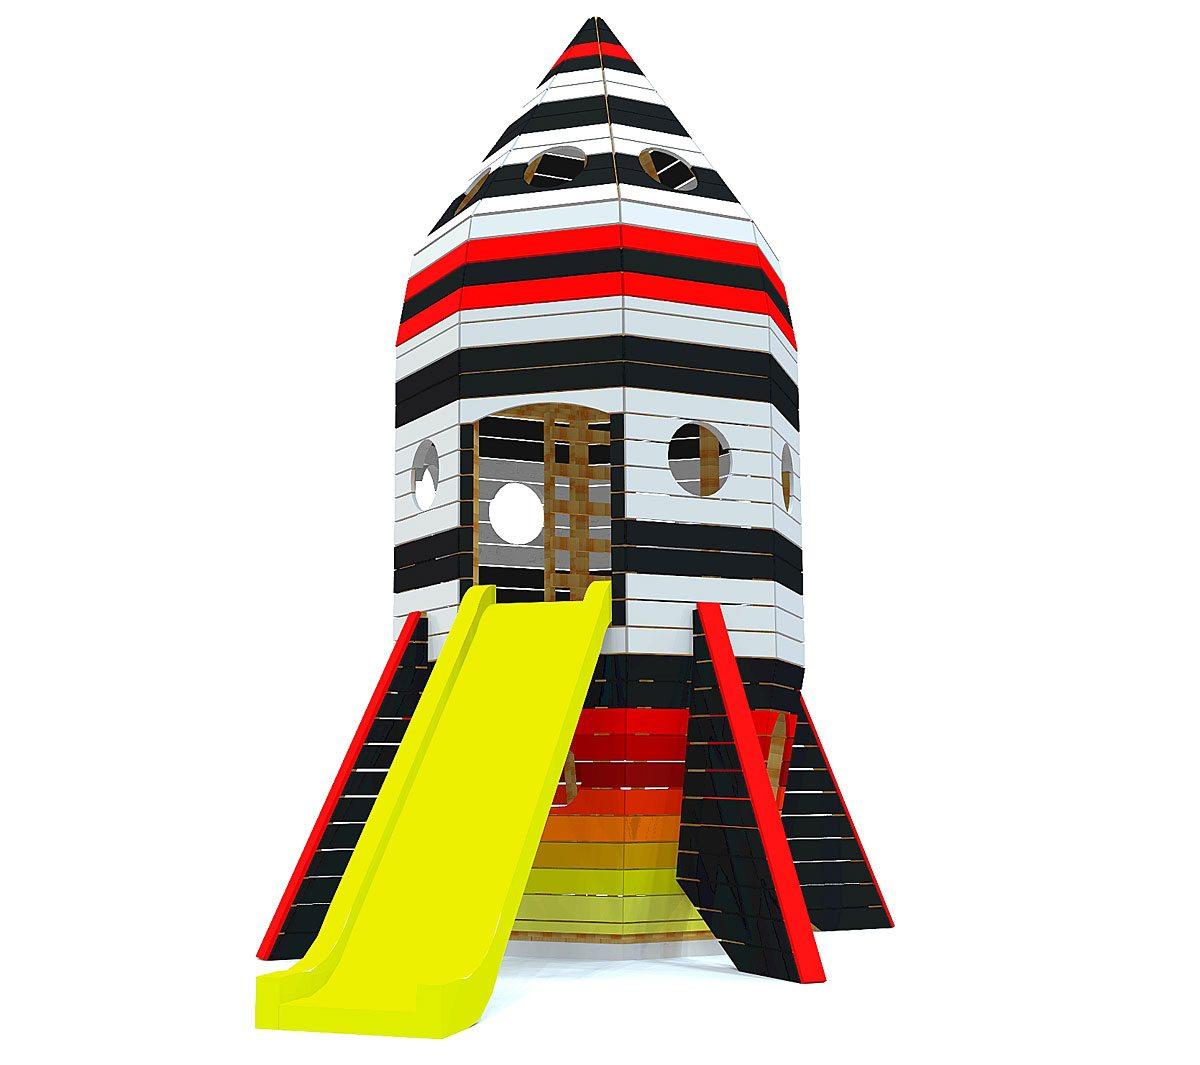 Pauls-rocket